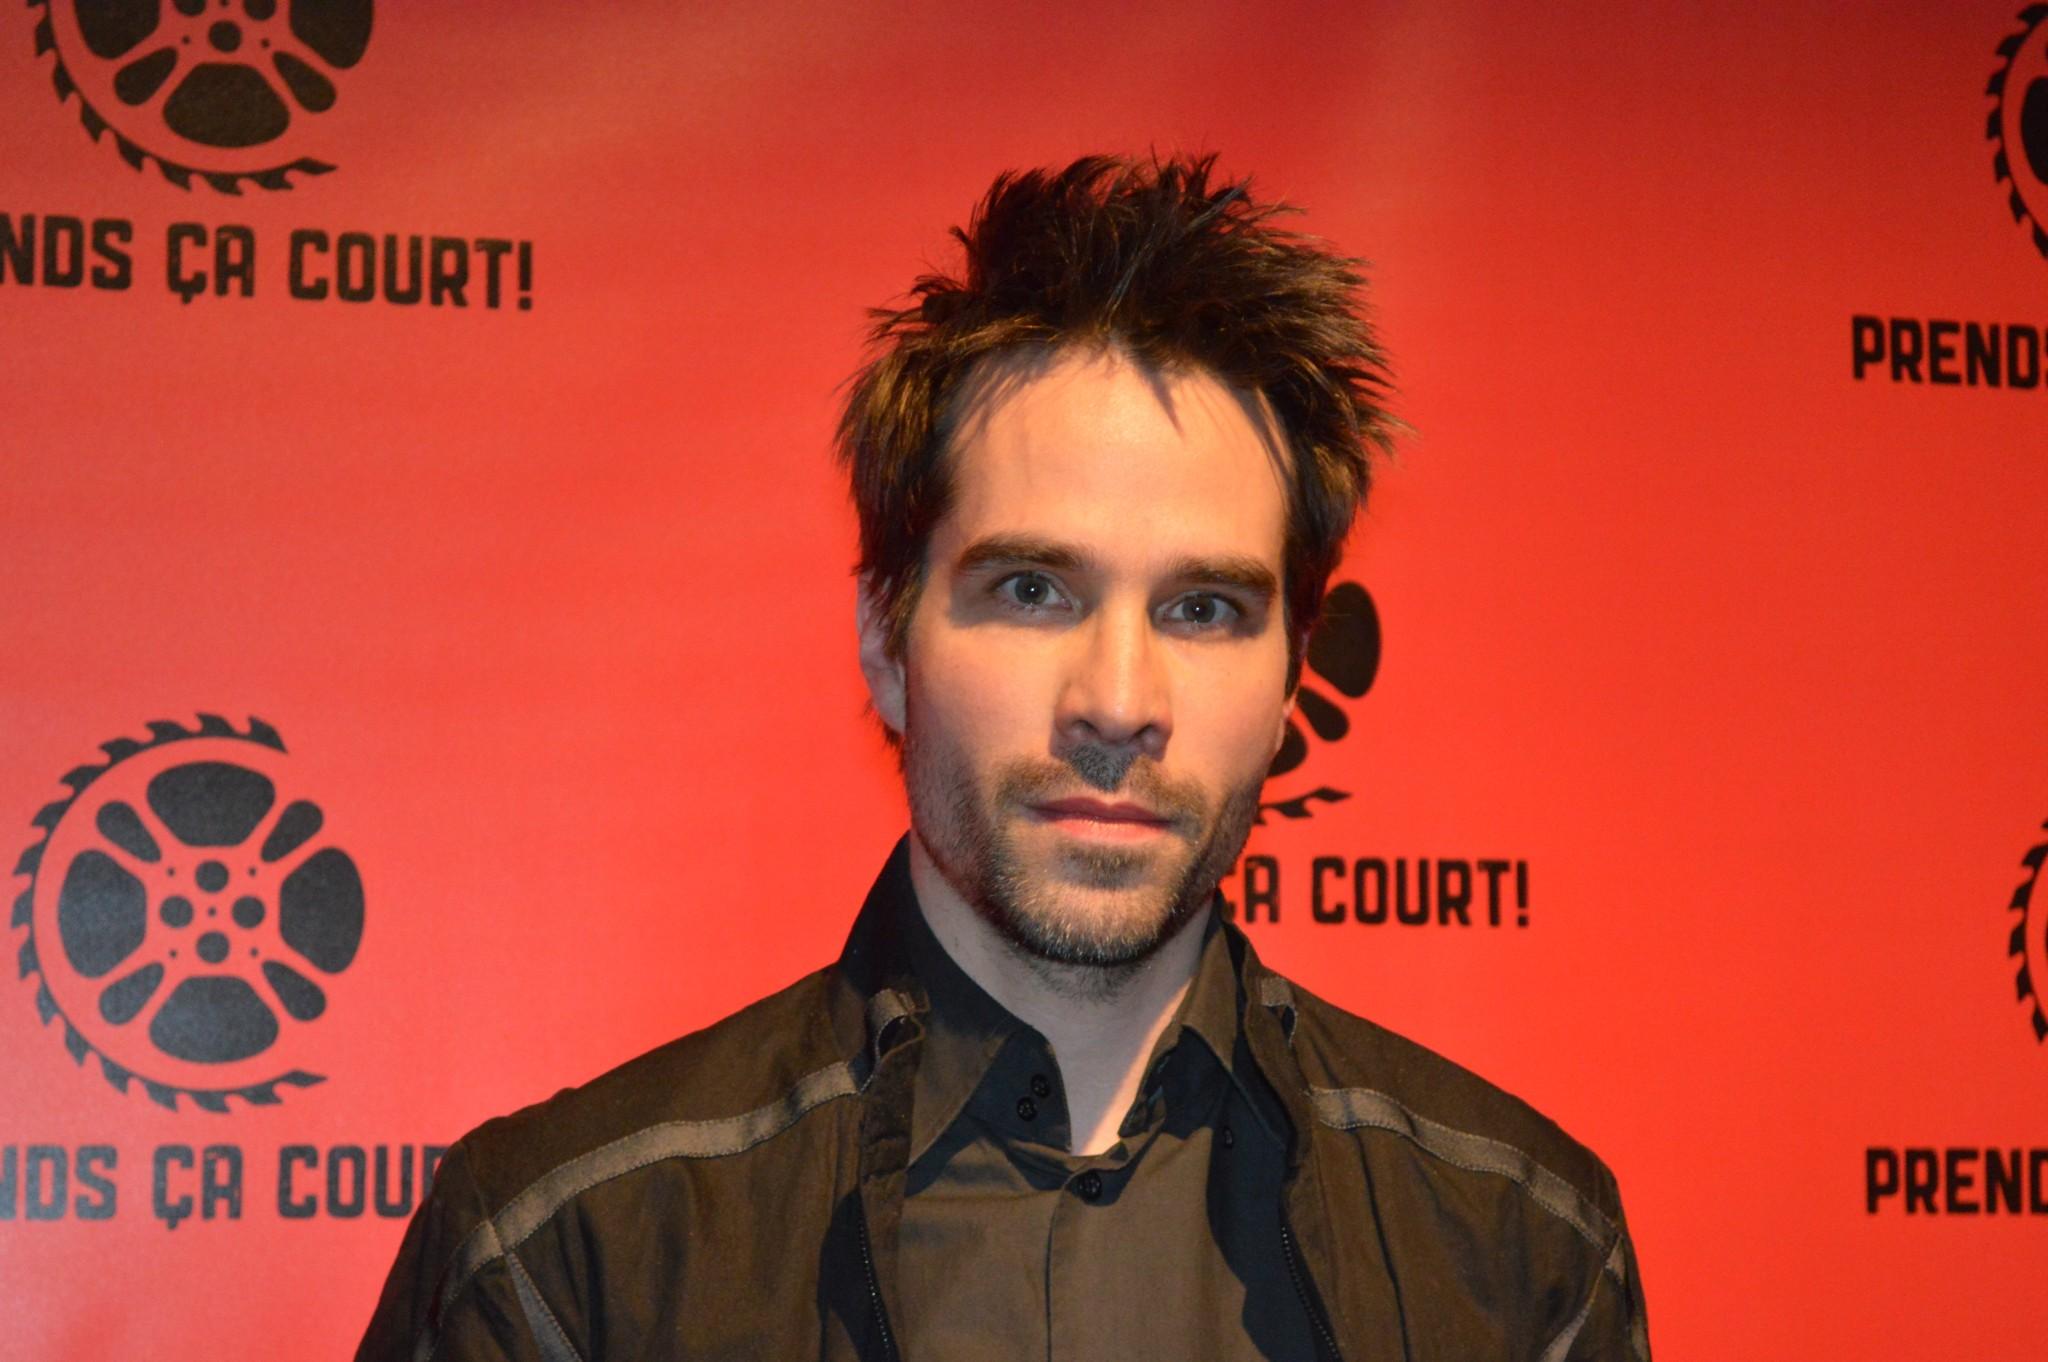 Martin Villeneuve, prix d'interprétation à Prends ça court et plus